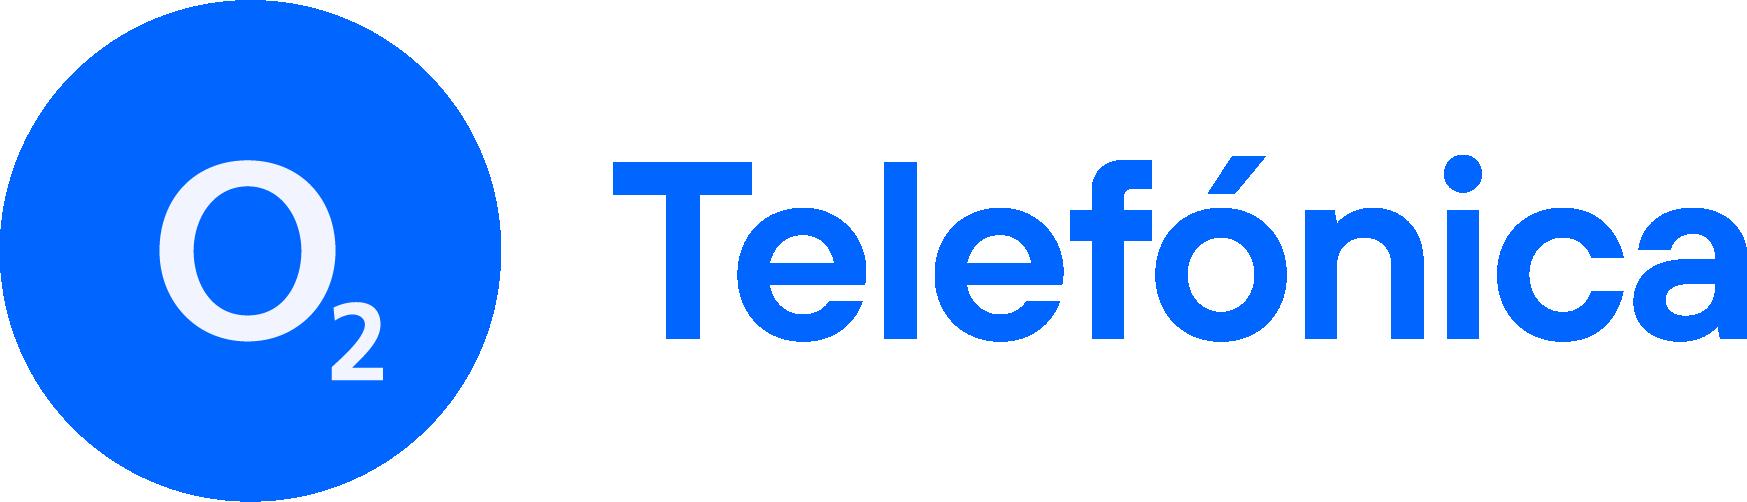 Telefonica logo 2021